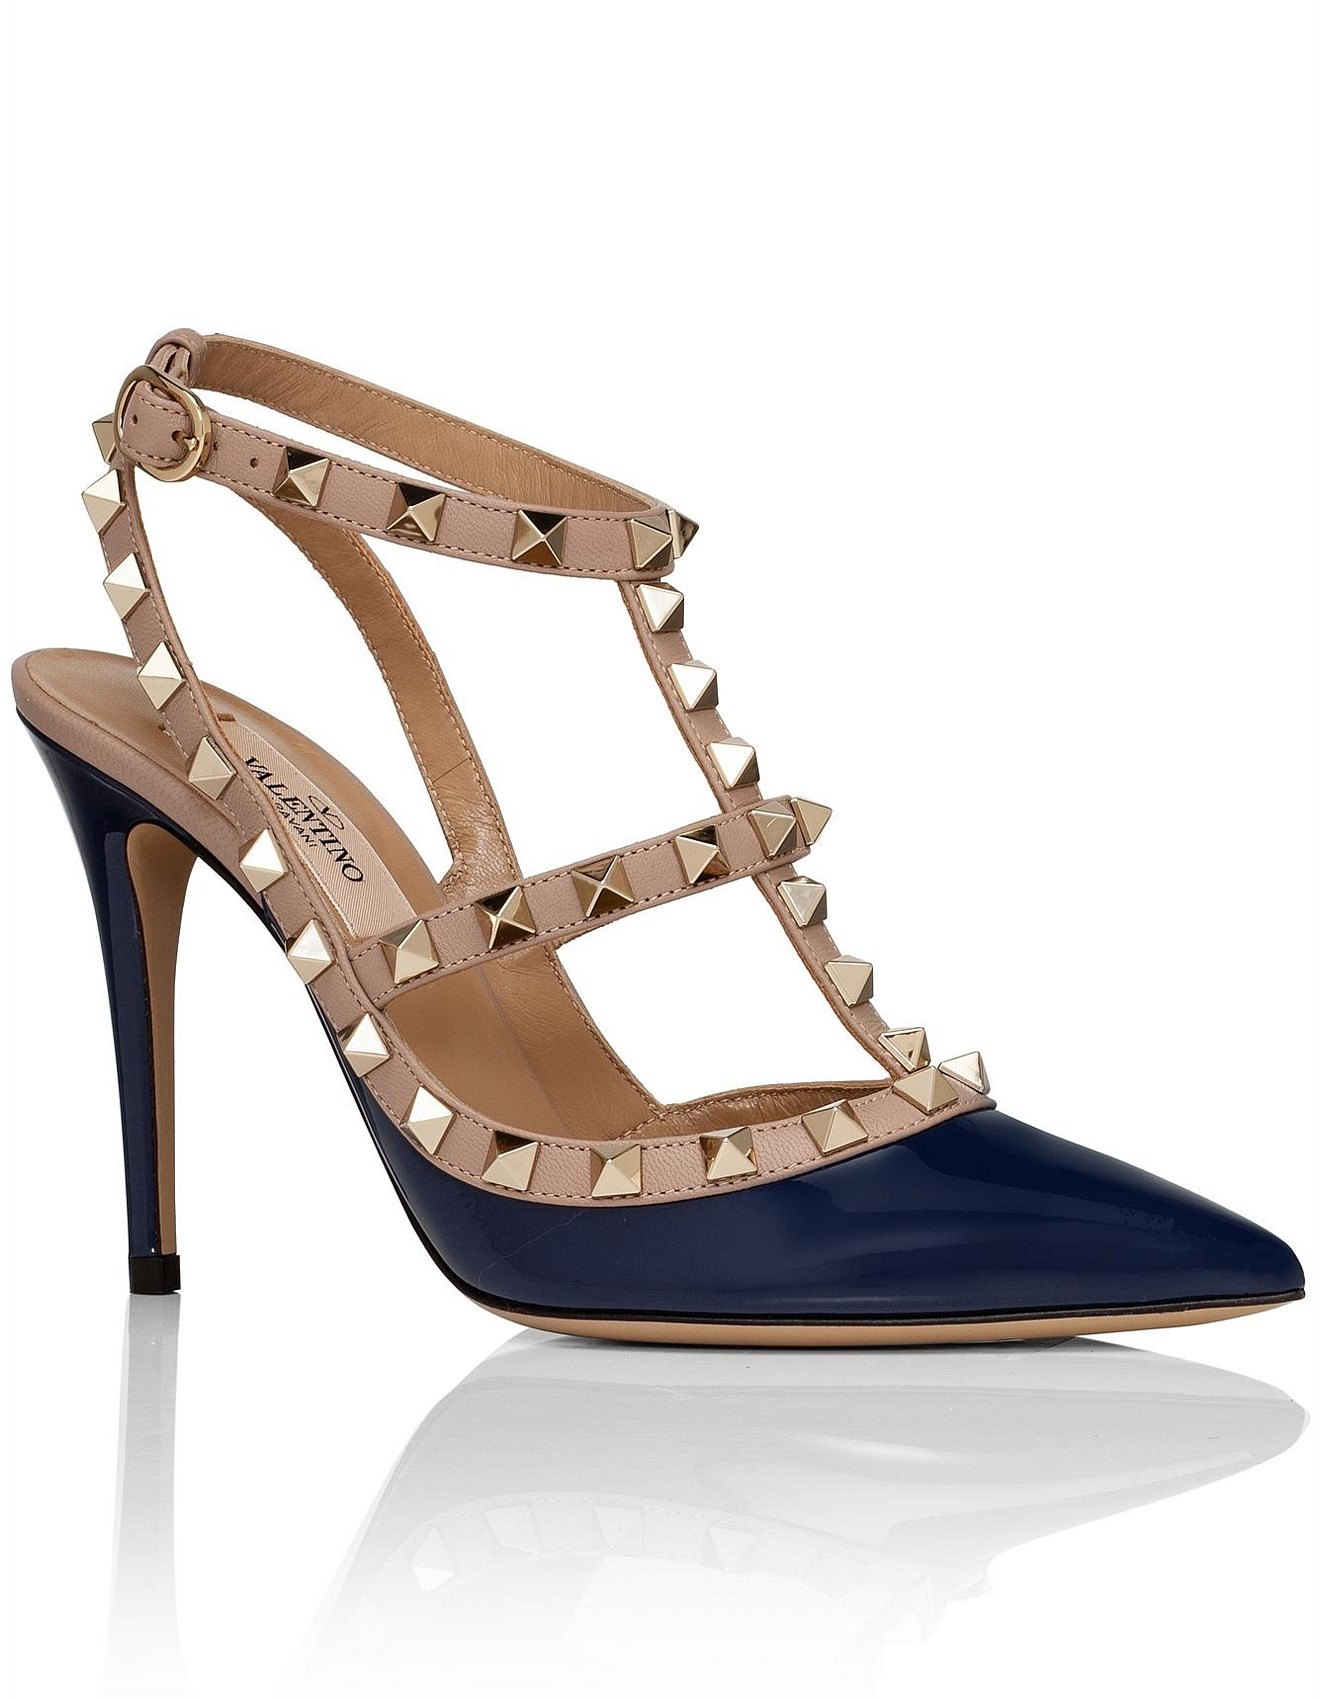 21d1de0ff34 Shoes - ROCKSTUD 100 PATENT